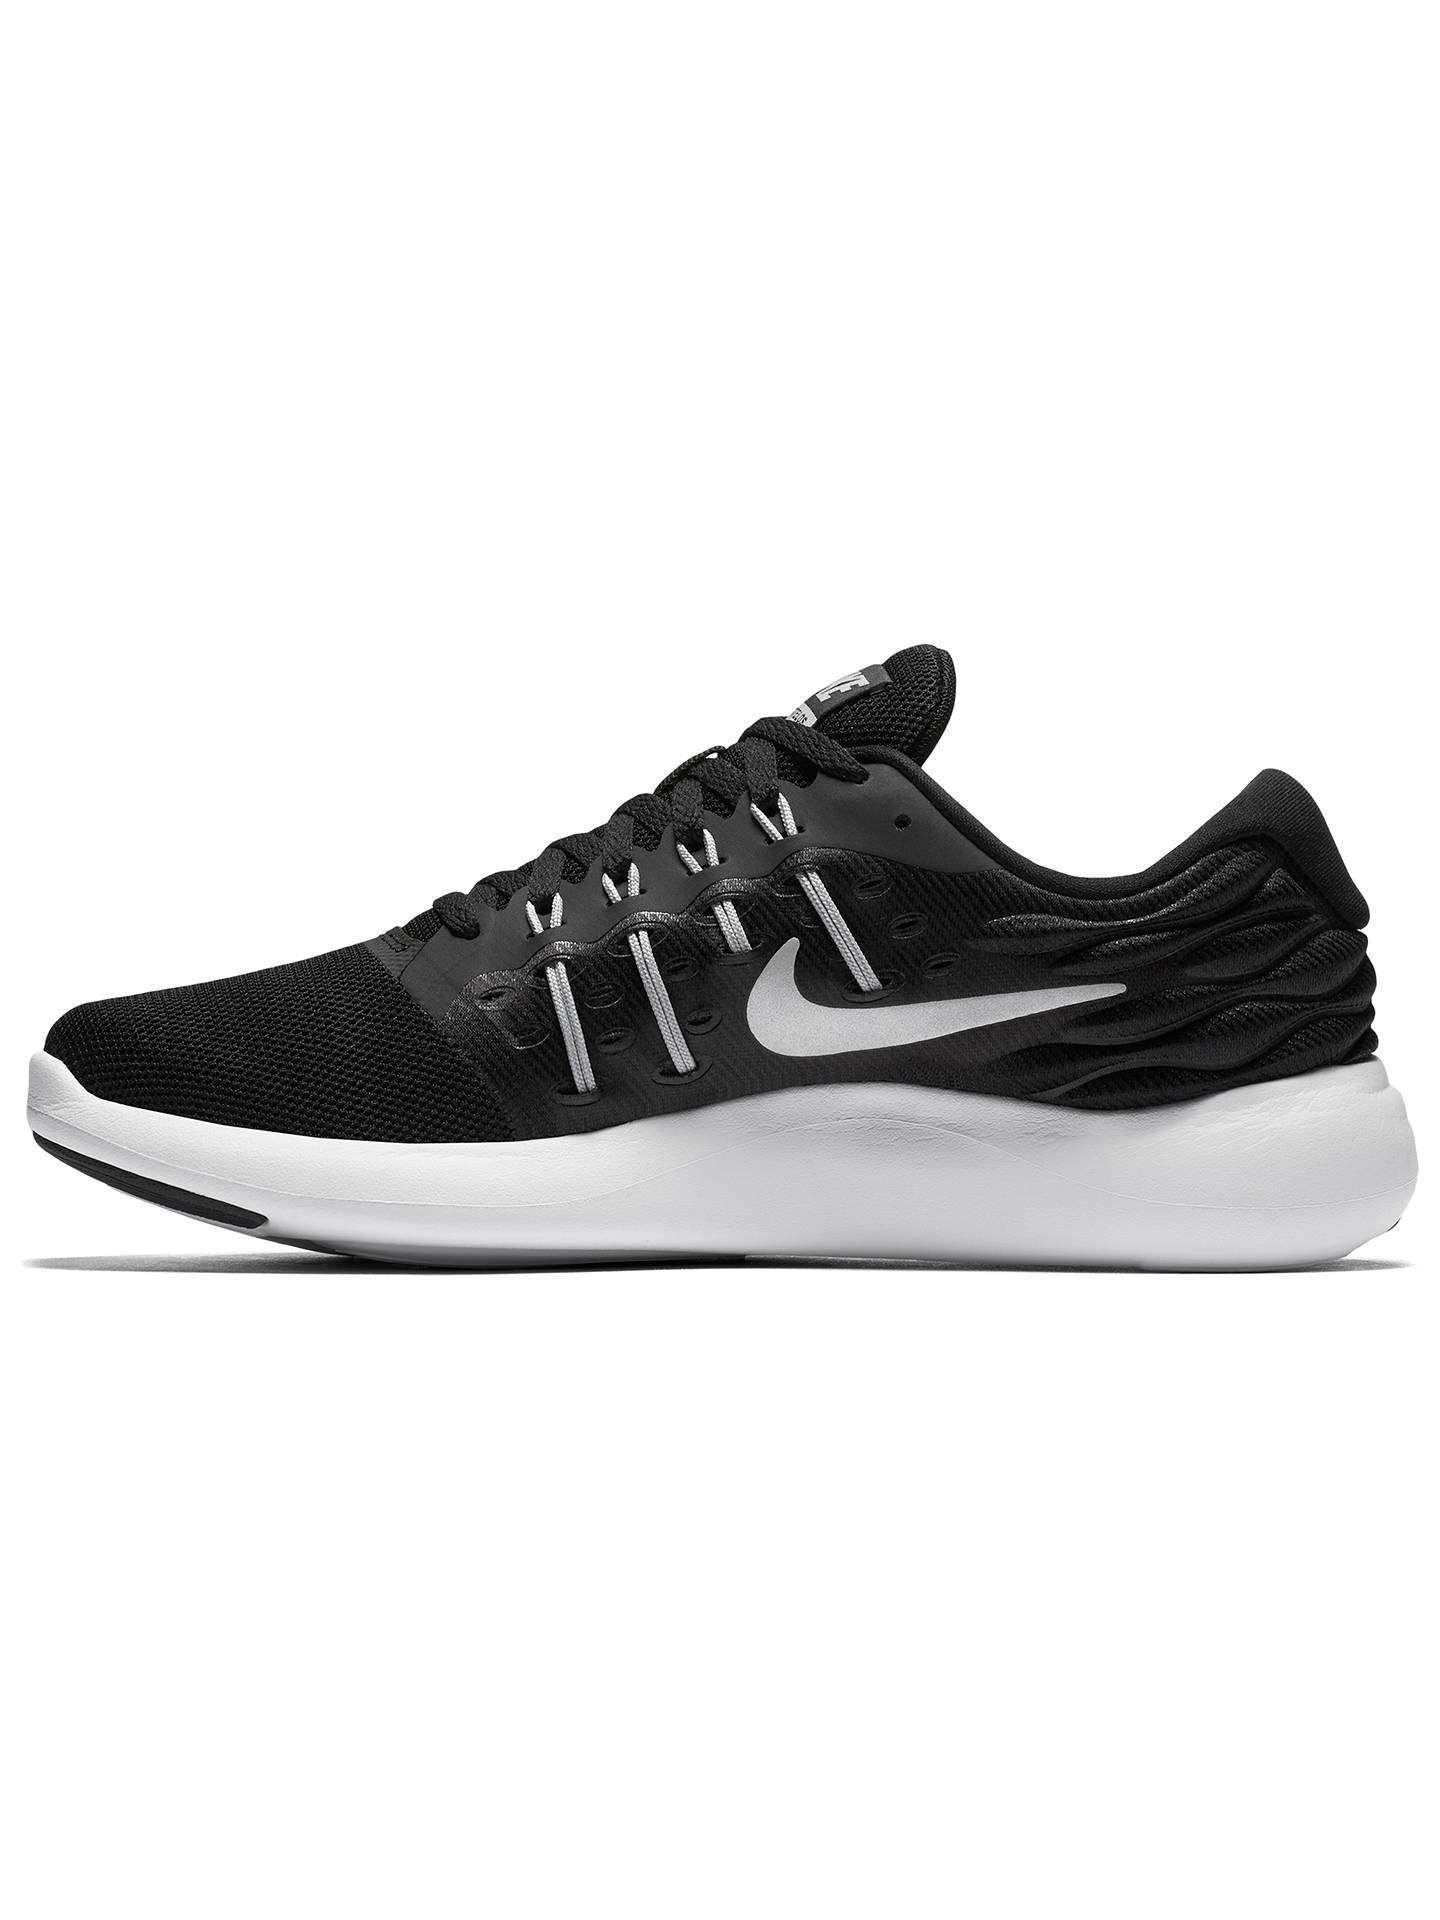 Nike LunarStelos Women's Running Shoes at John Lewis